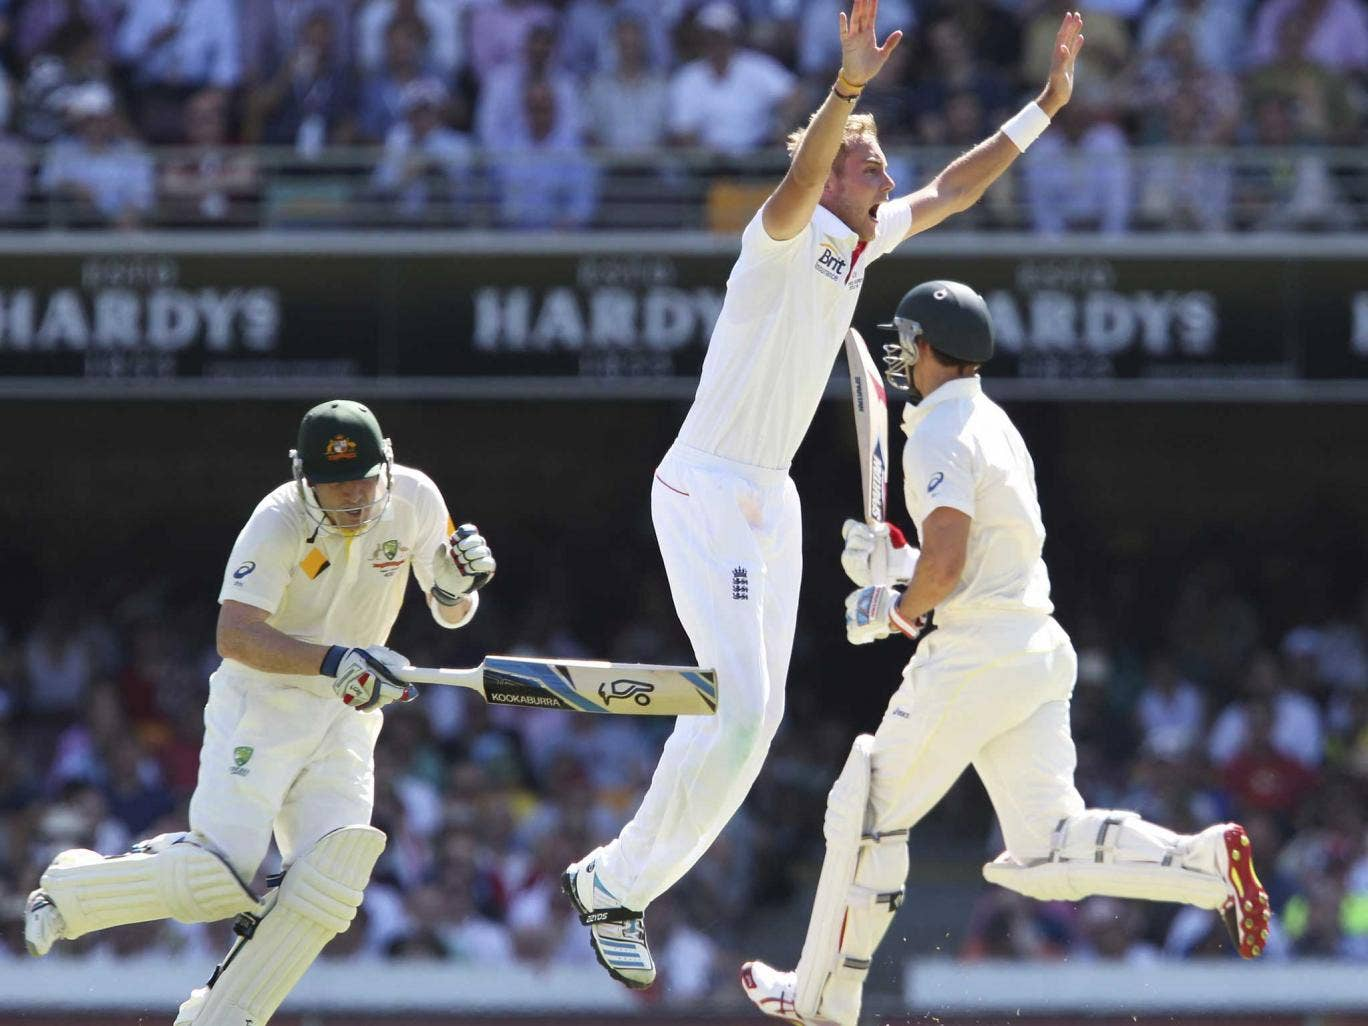 England's Stuart Broad, centre, clashes with Australia's Brad Haddin